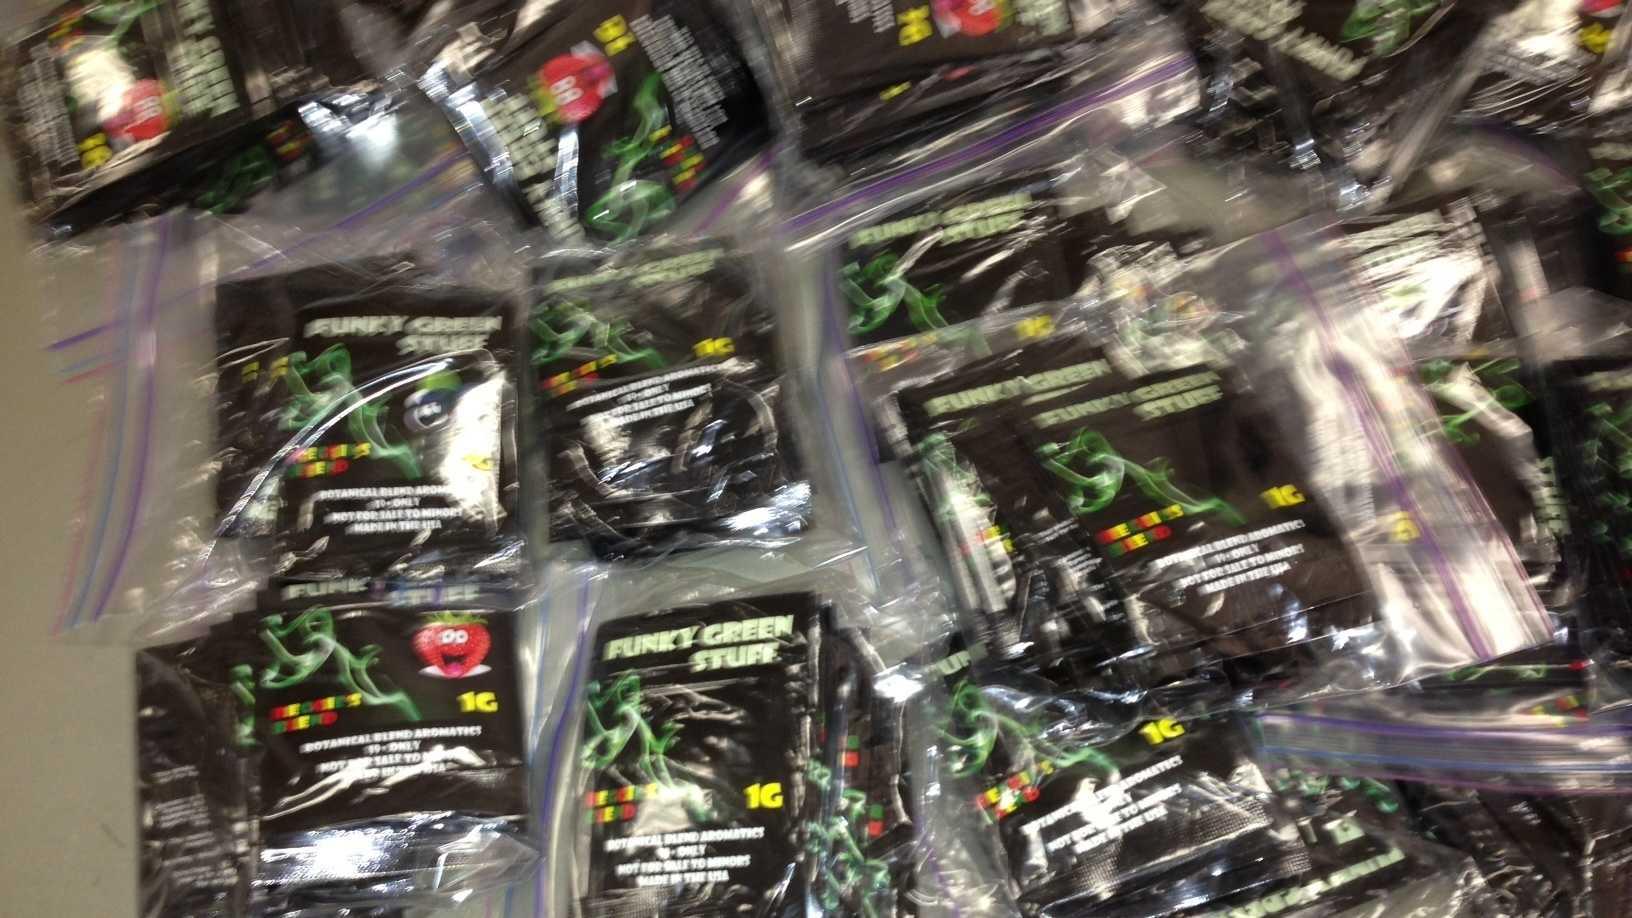 k2, synthetic marijuana,spice